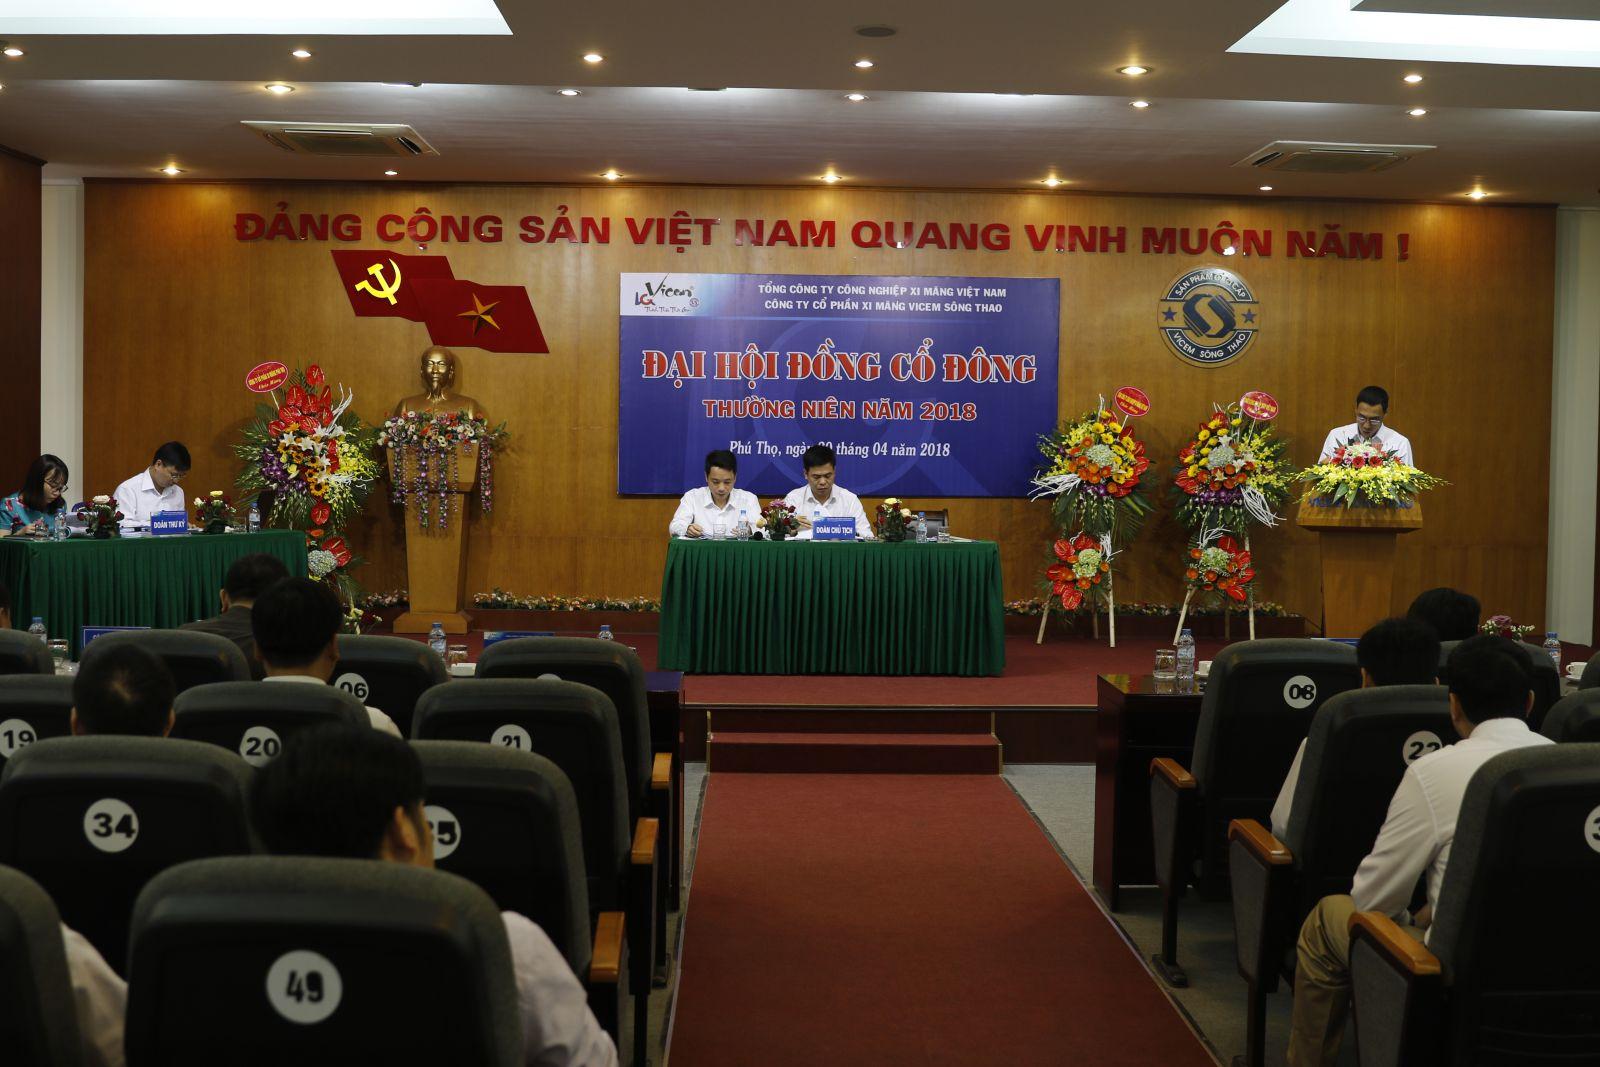 Công ty cổ phần xi măng Vicem Sông Thao tổ chức thành công Đại hội đồng cổ đông thường niên năm 2018